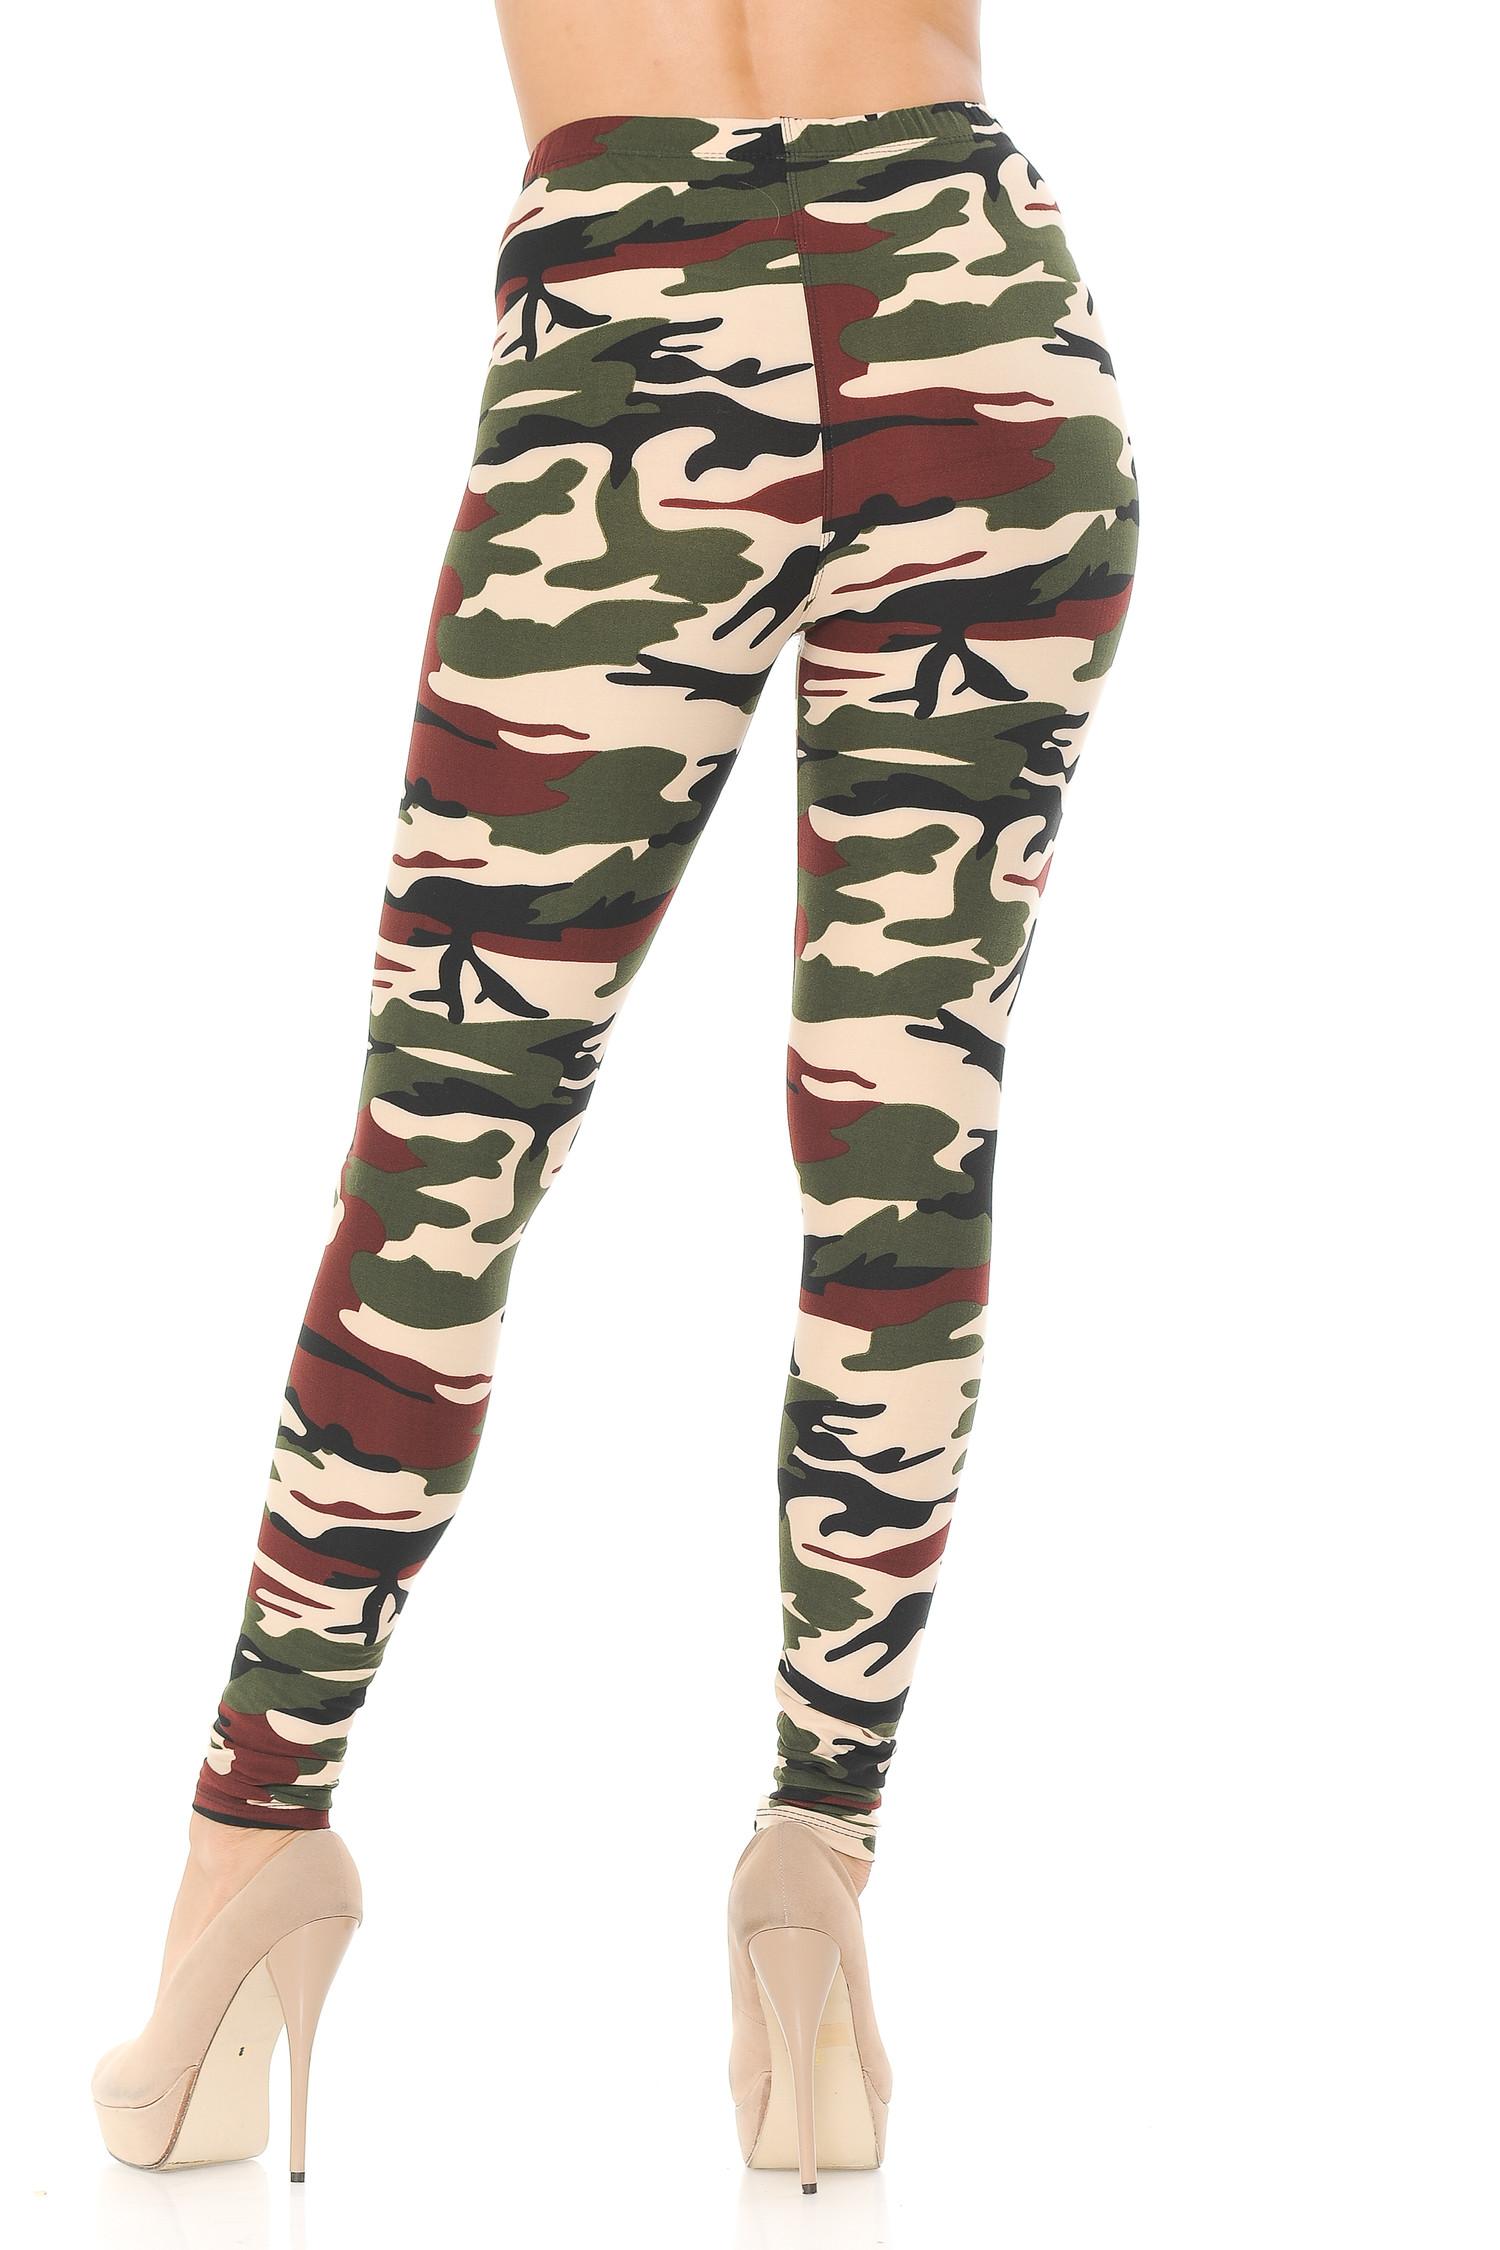 Brushed  Cozy Camouflage Leggings